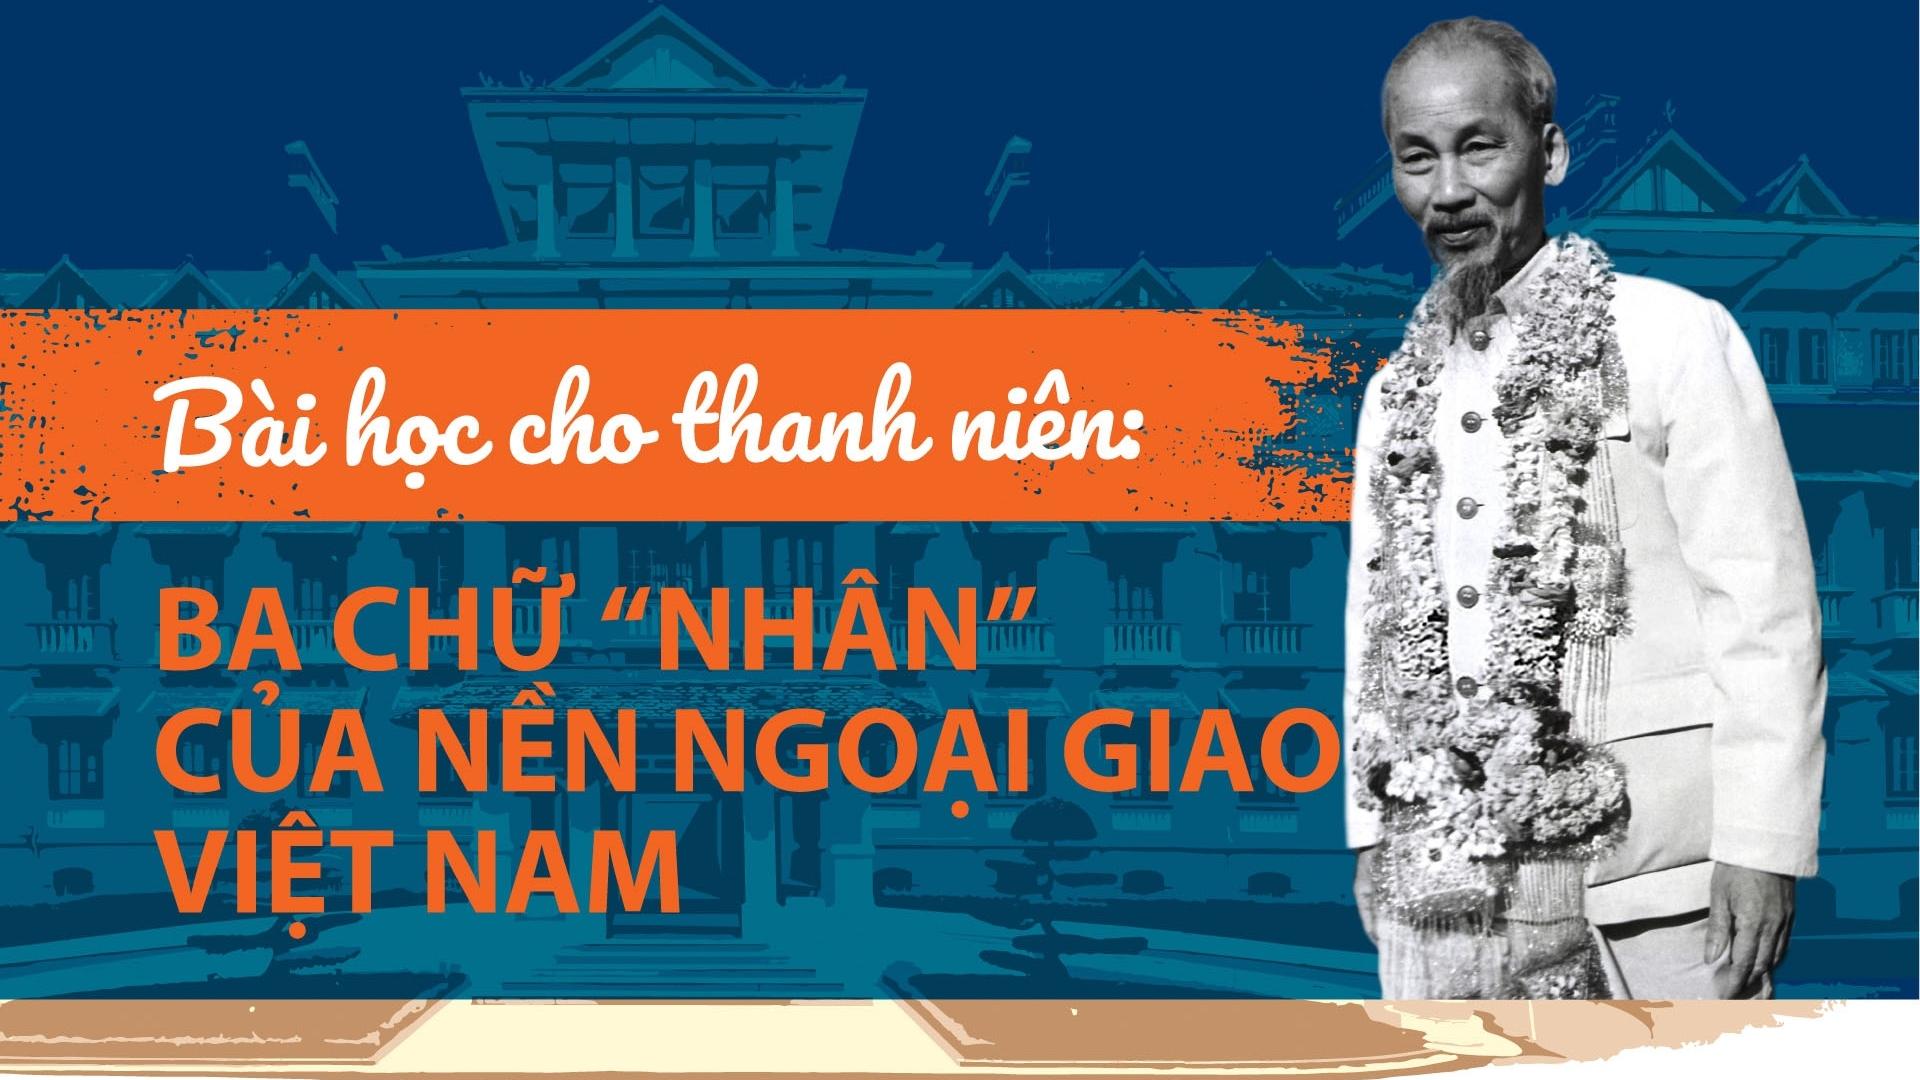 """Bài học cho thanh niên: Ba chữ """"Nhân"""" của nền ngoại giao Việt Nam"""